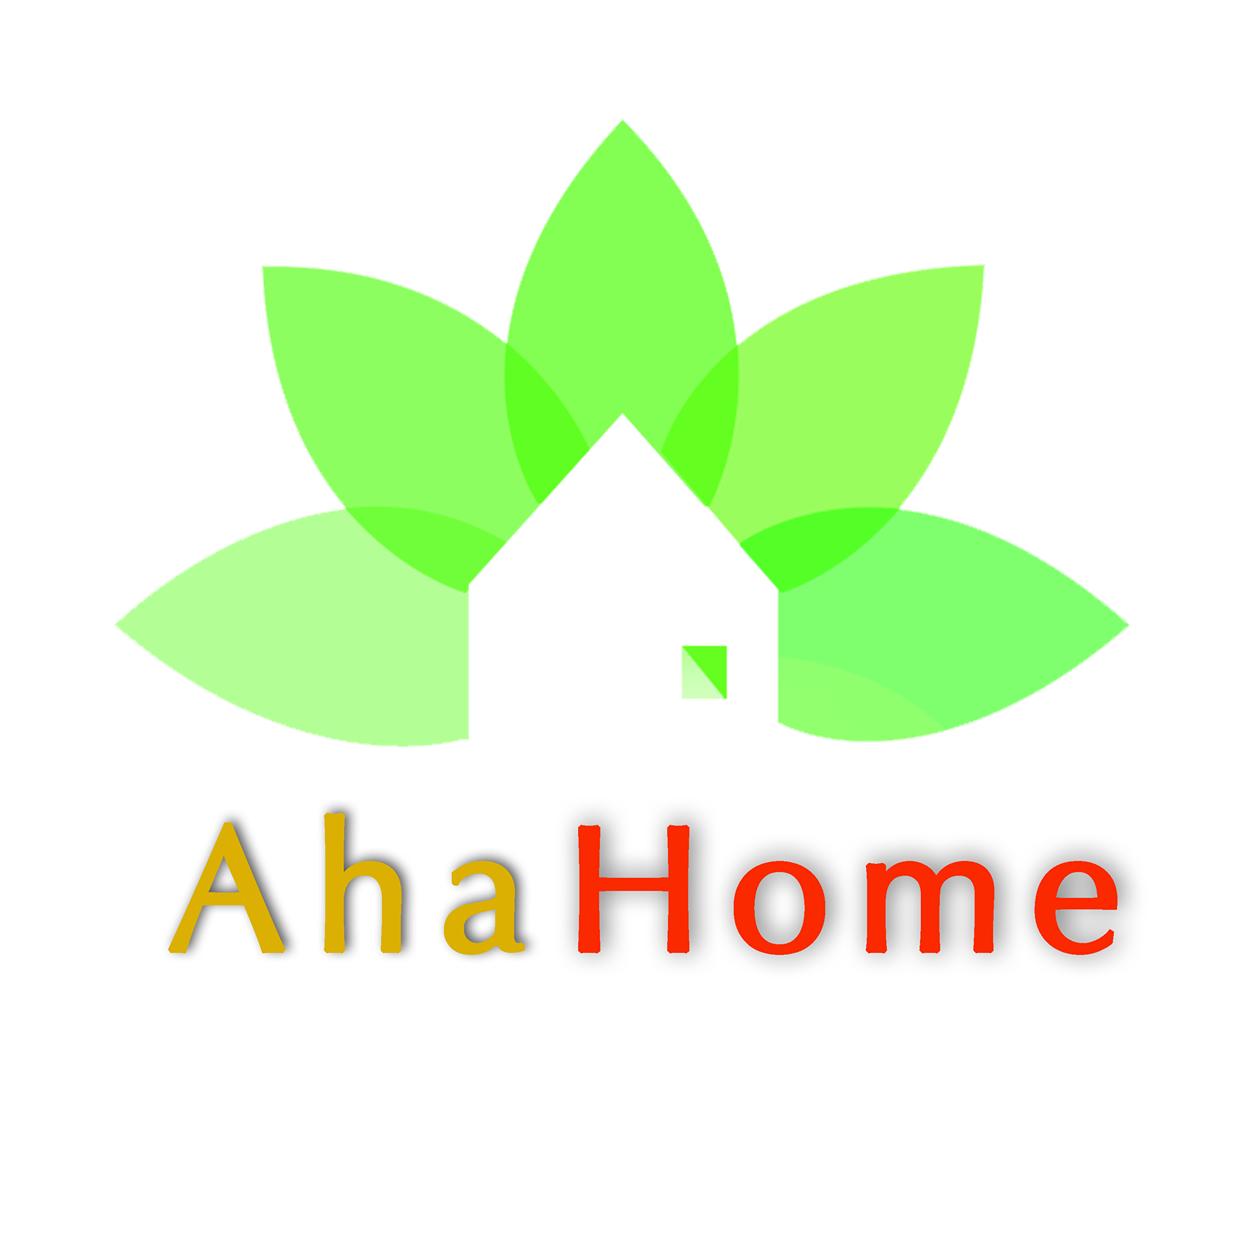 Ahahome 93 đường 2 Mai Đình Sóc Sơn Hà Nội